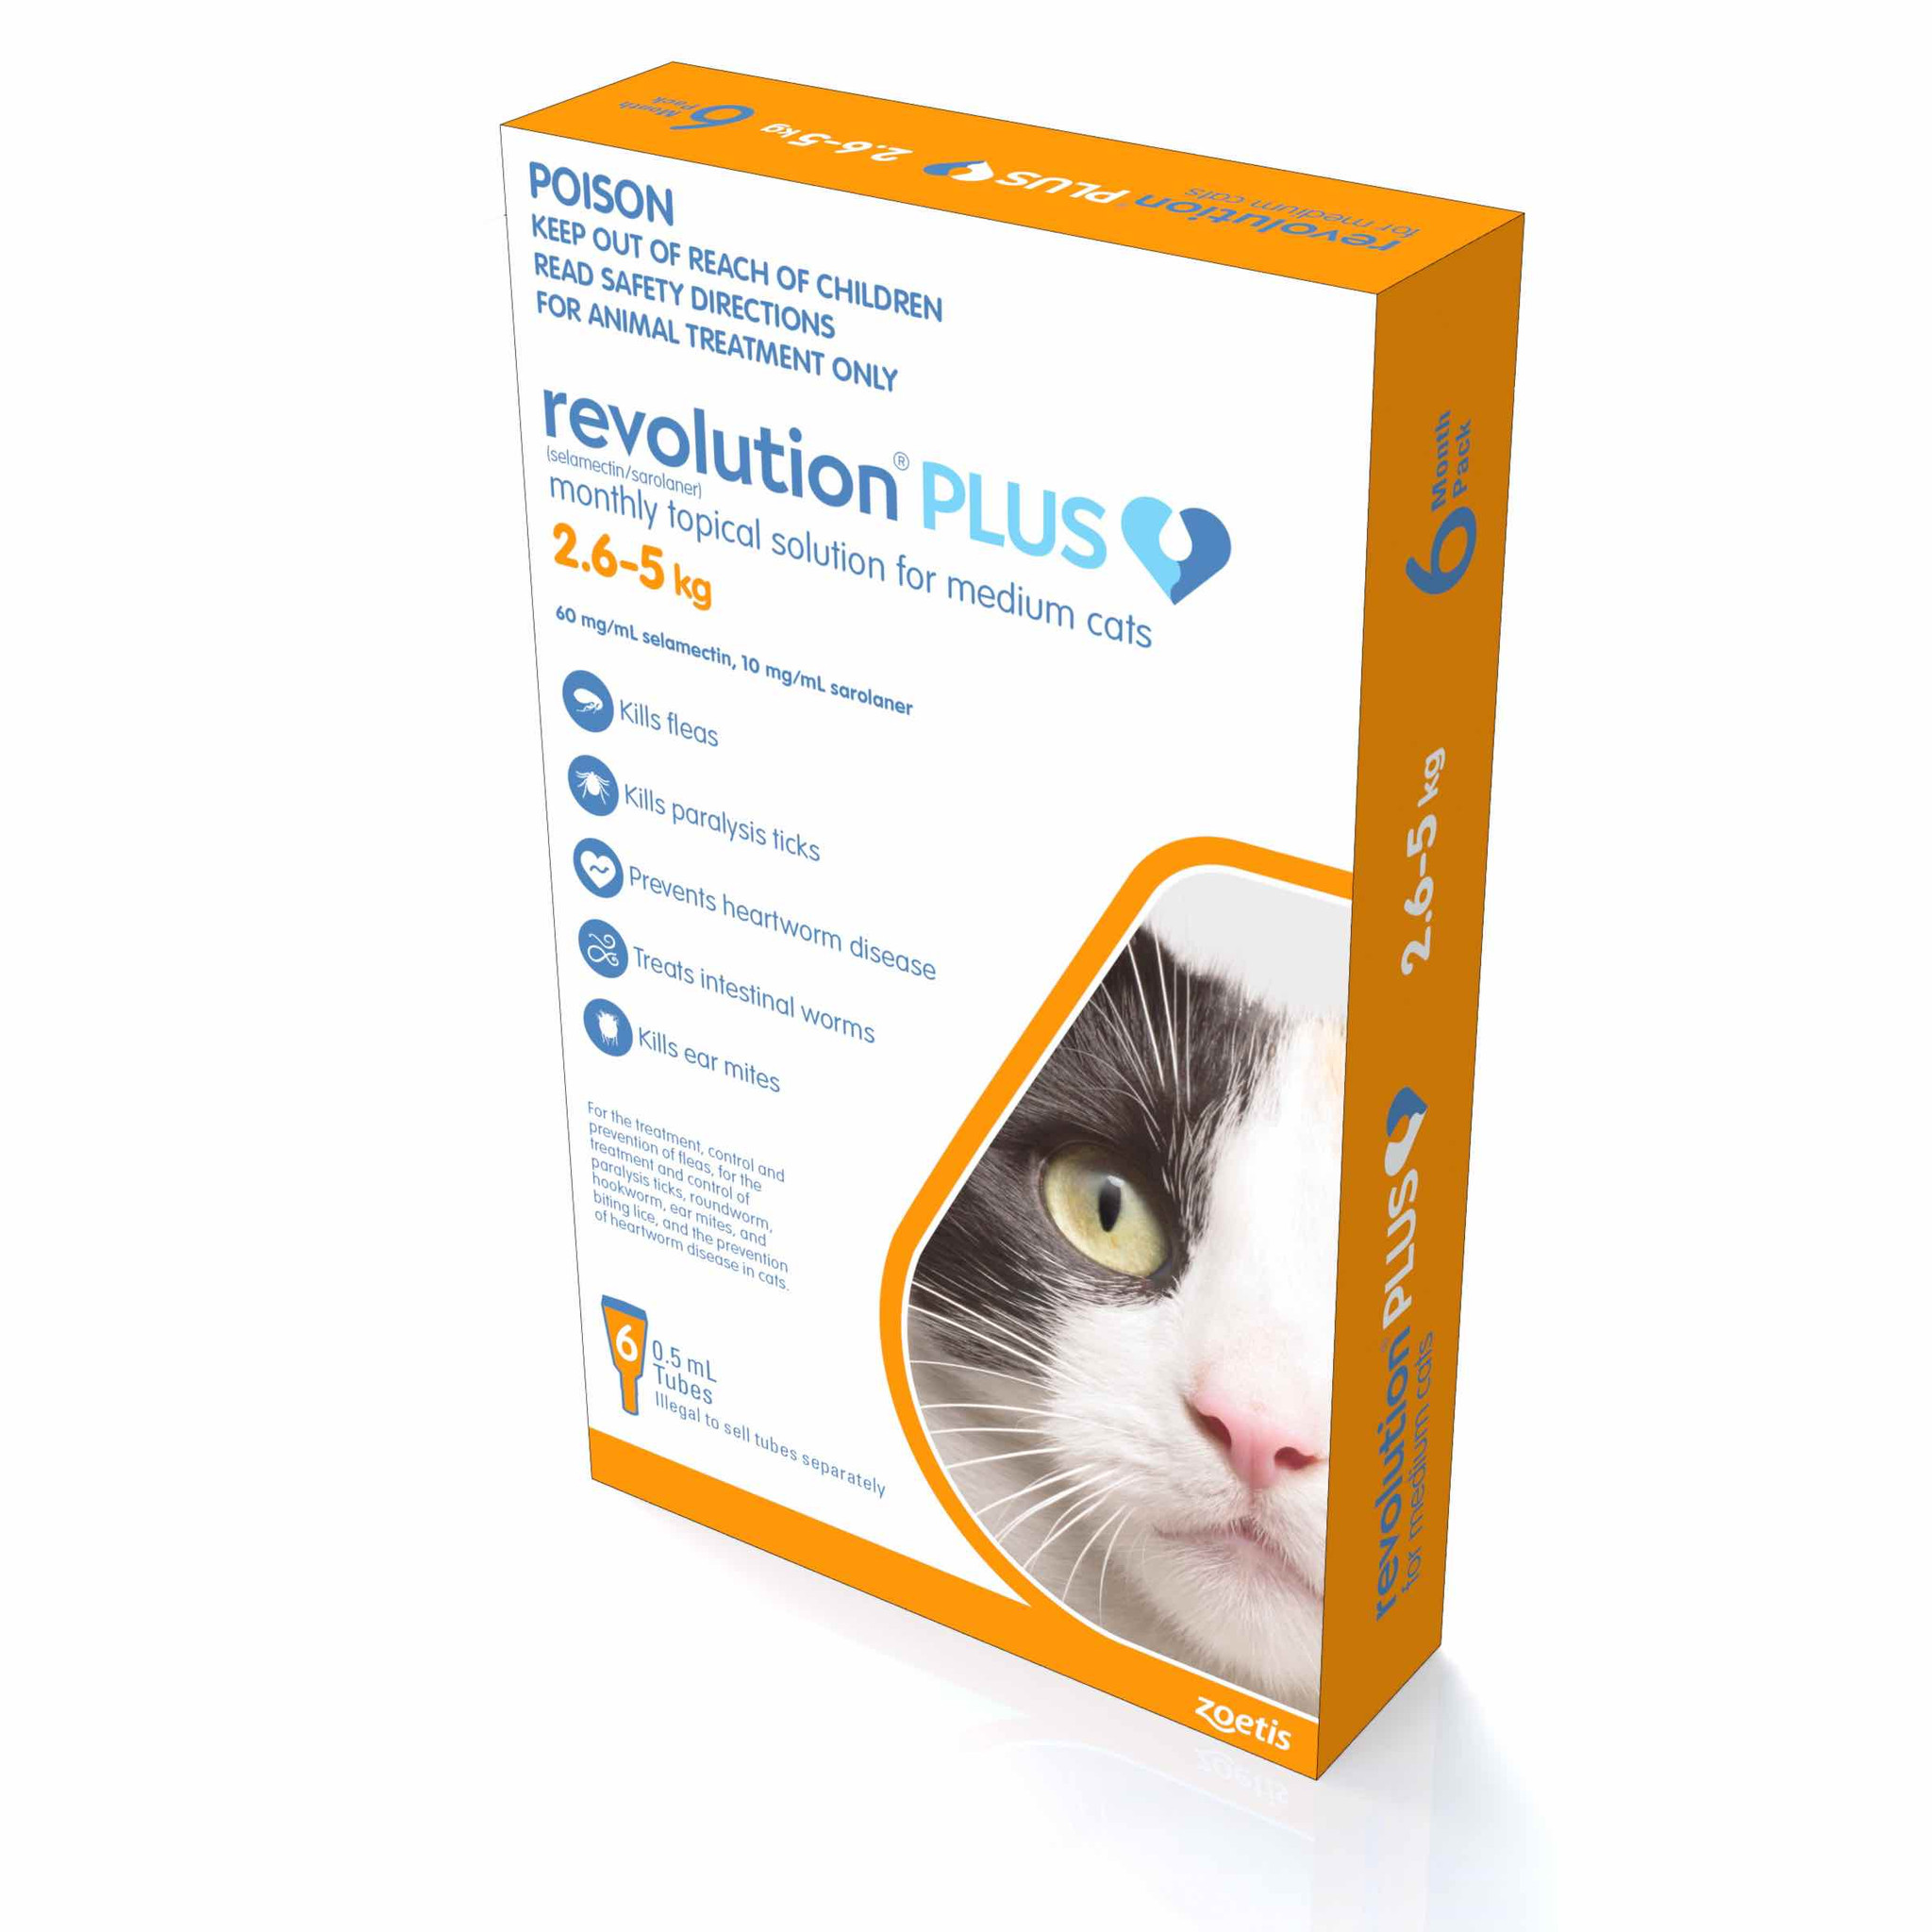 Revolution Plus For Medium Cats 2 5 5kg Orange 6 Doses Sierra Pet Products Australia